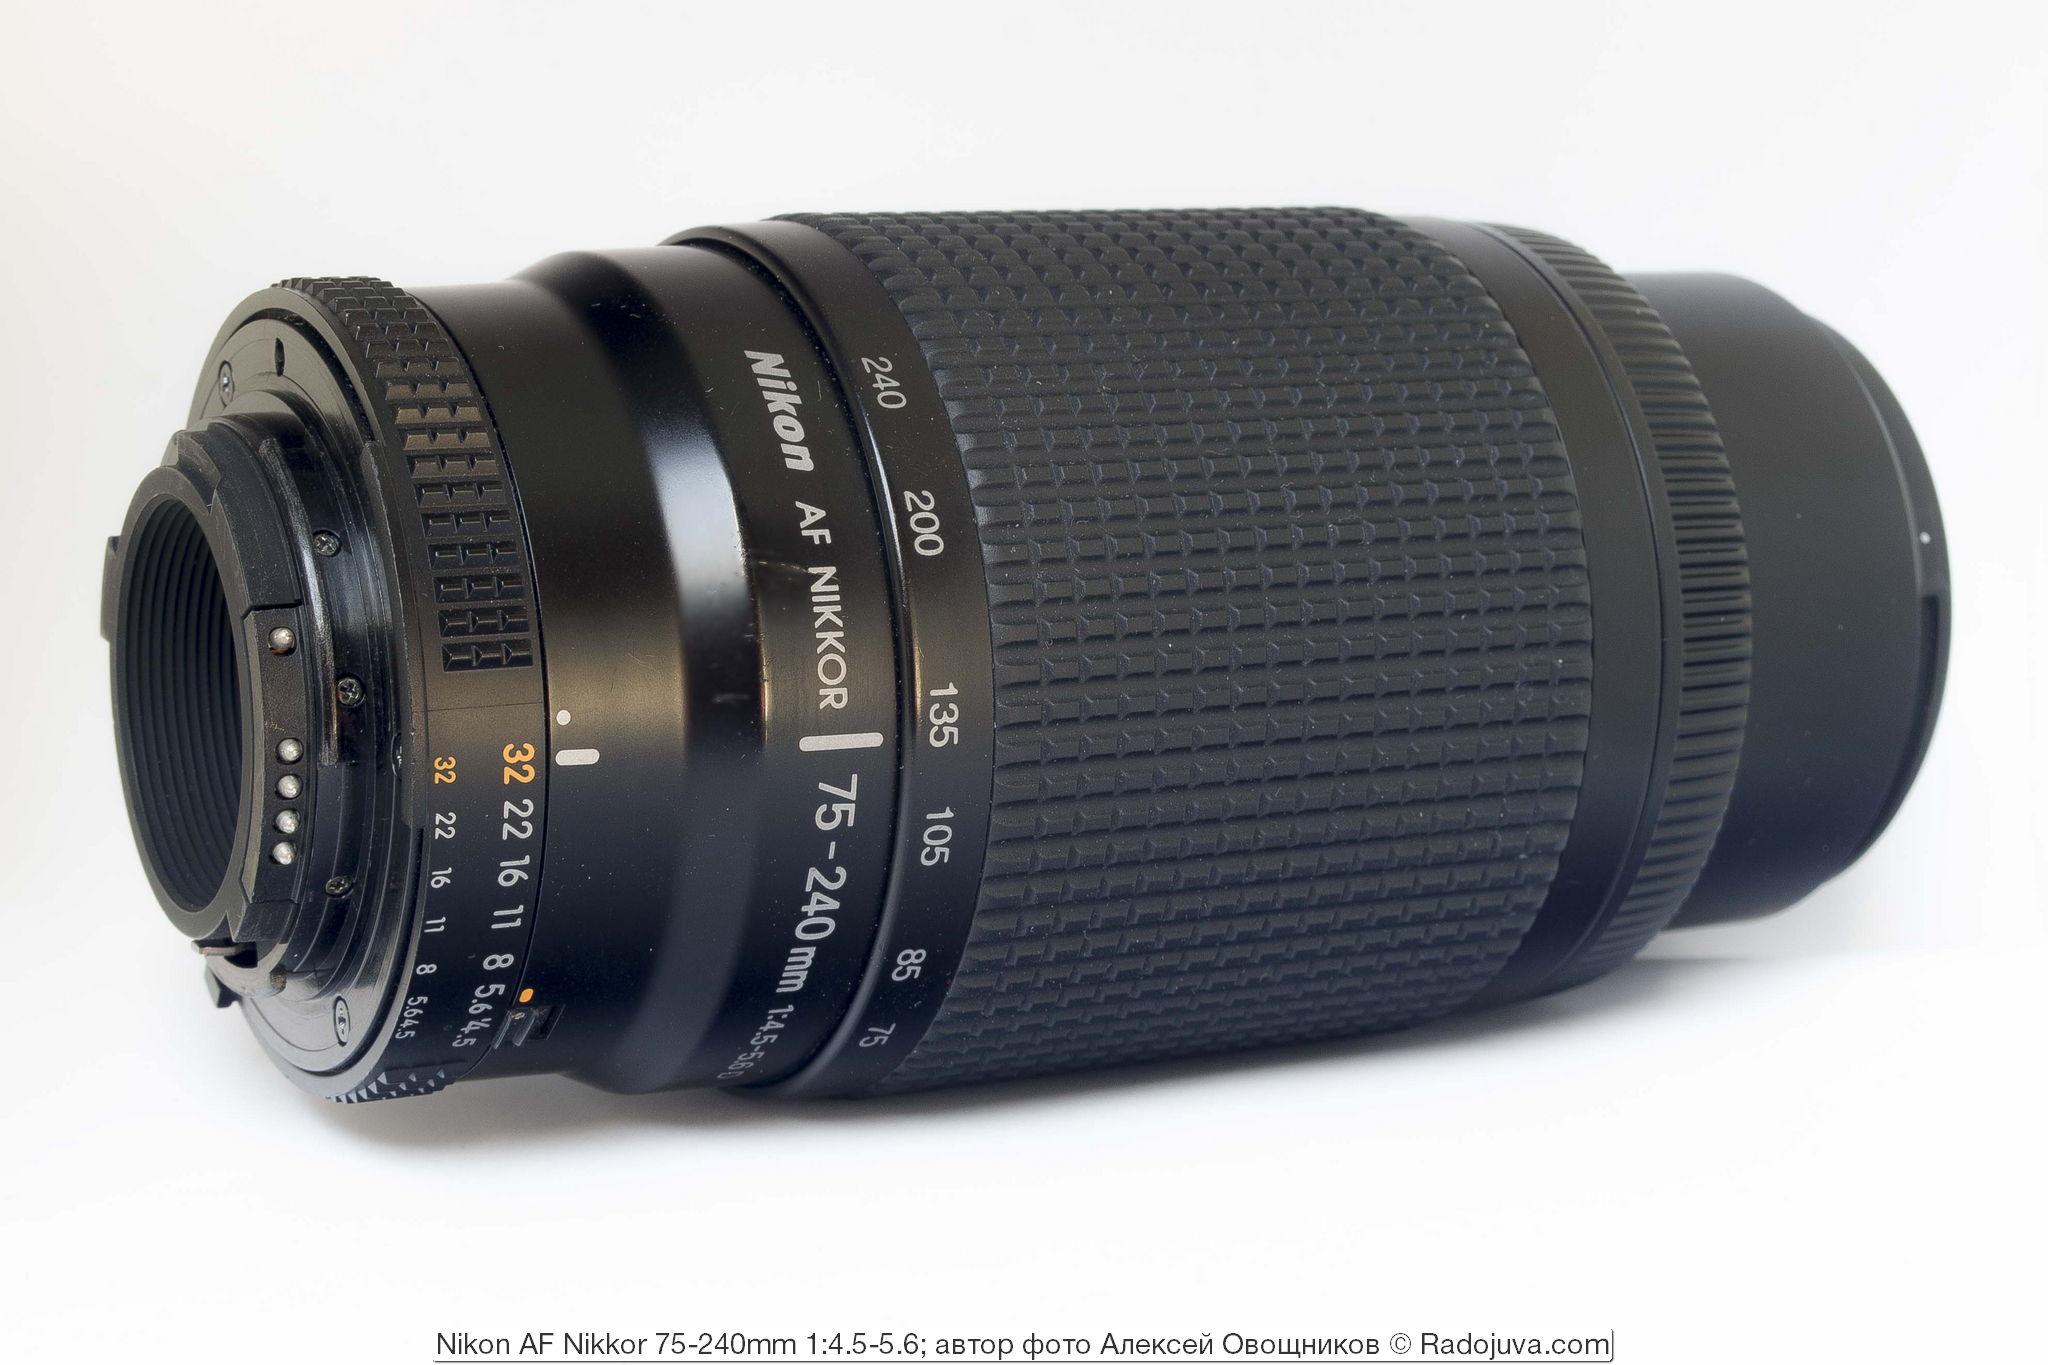 Nikon AF Nikkor 75-240mm 1:4.5-5.6